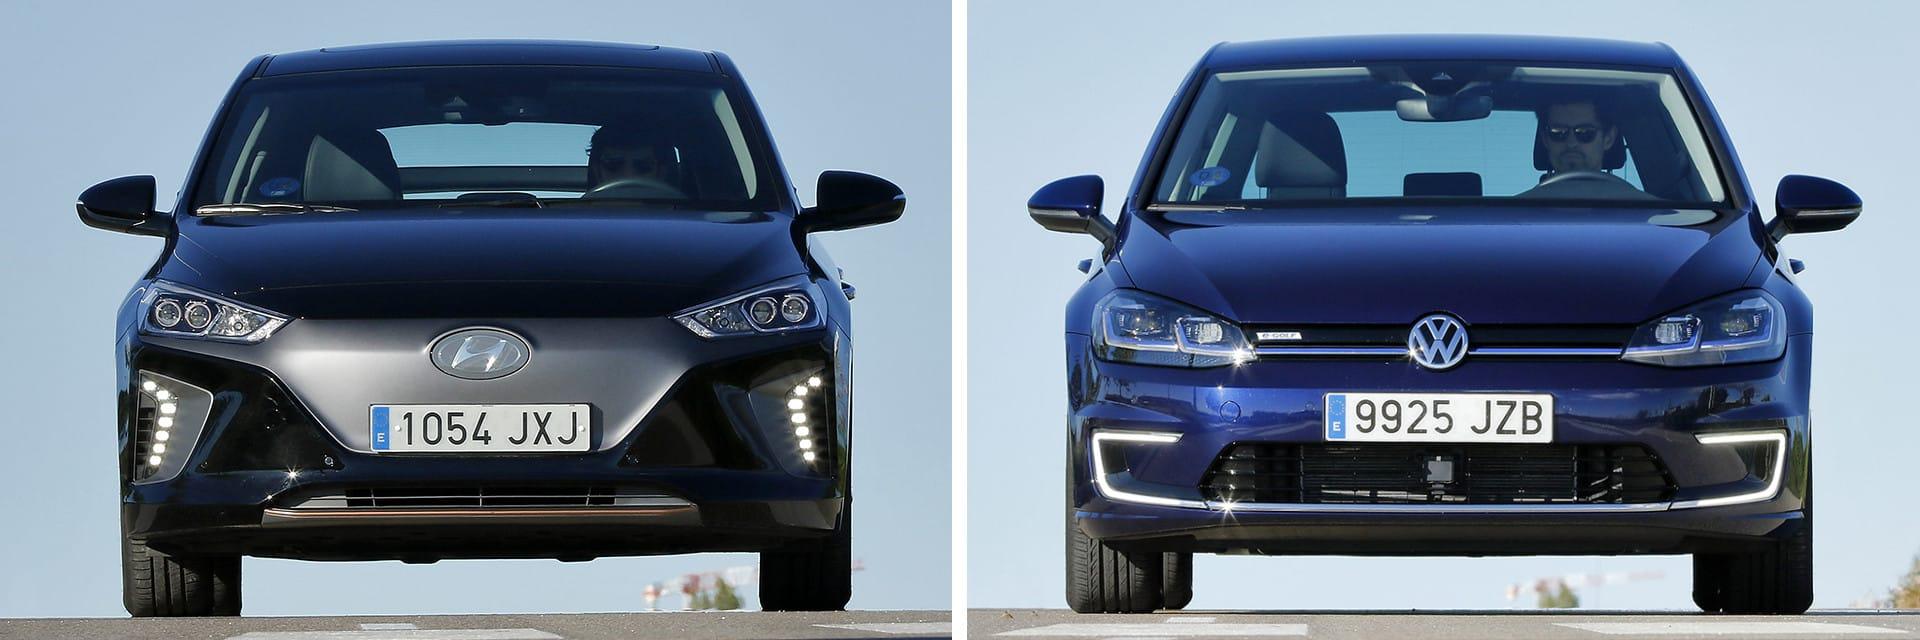 Tanto el Hyundai (izq.) como el Volkswagen (dcha.) están disponibles con luz diurna de ledes.